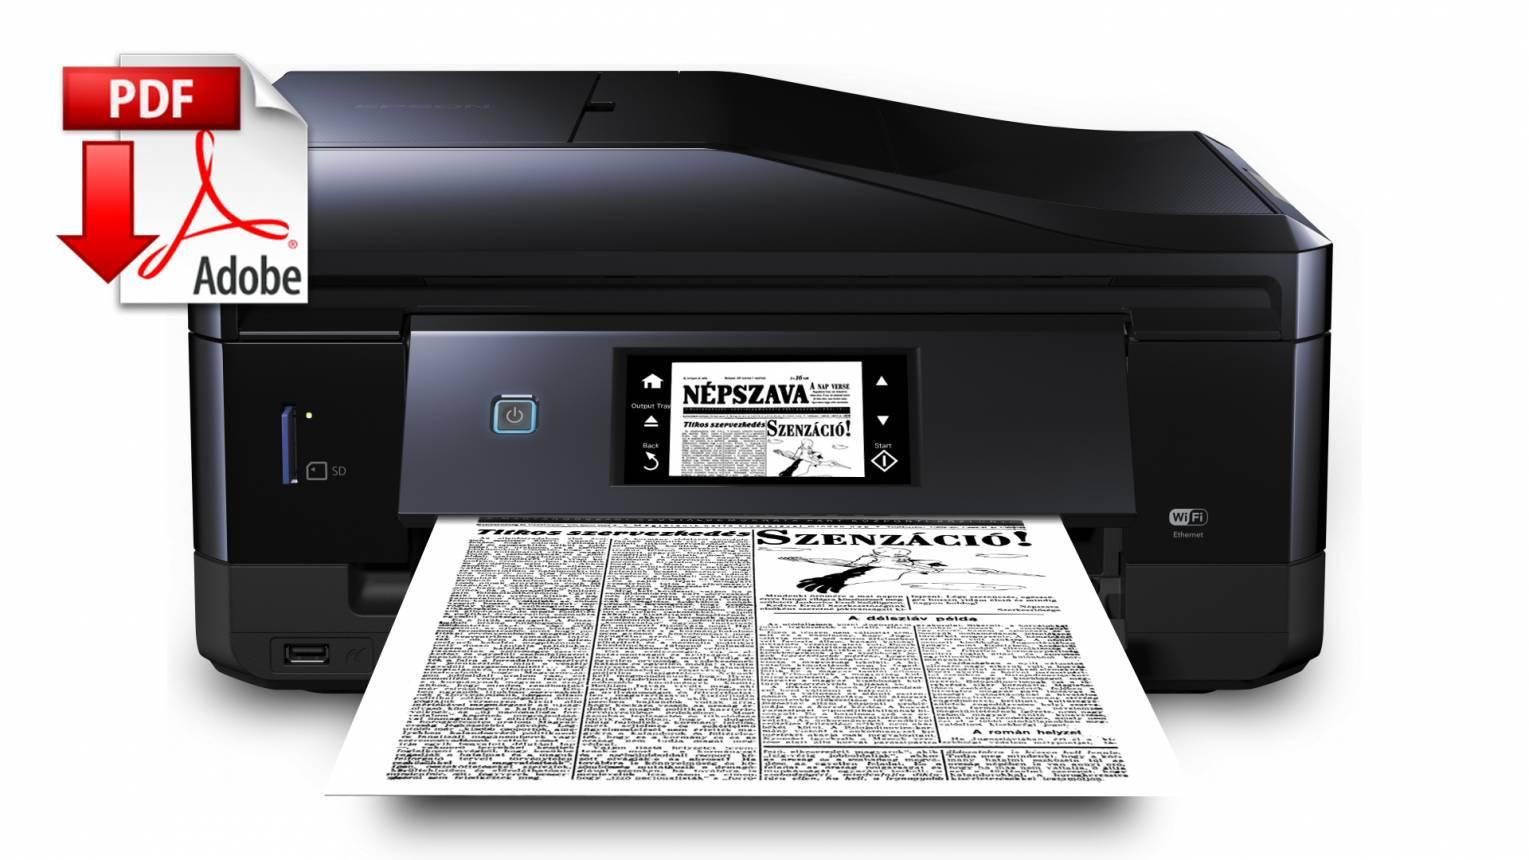 Születésnapi újság elektronikusan küldve PDF formátumban